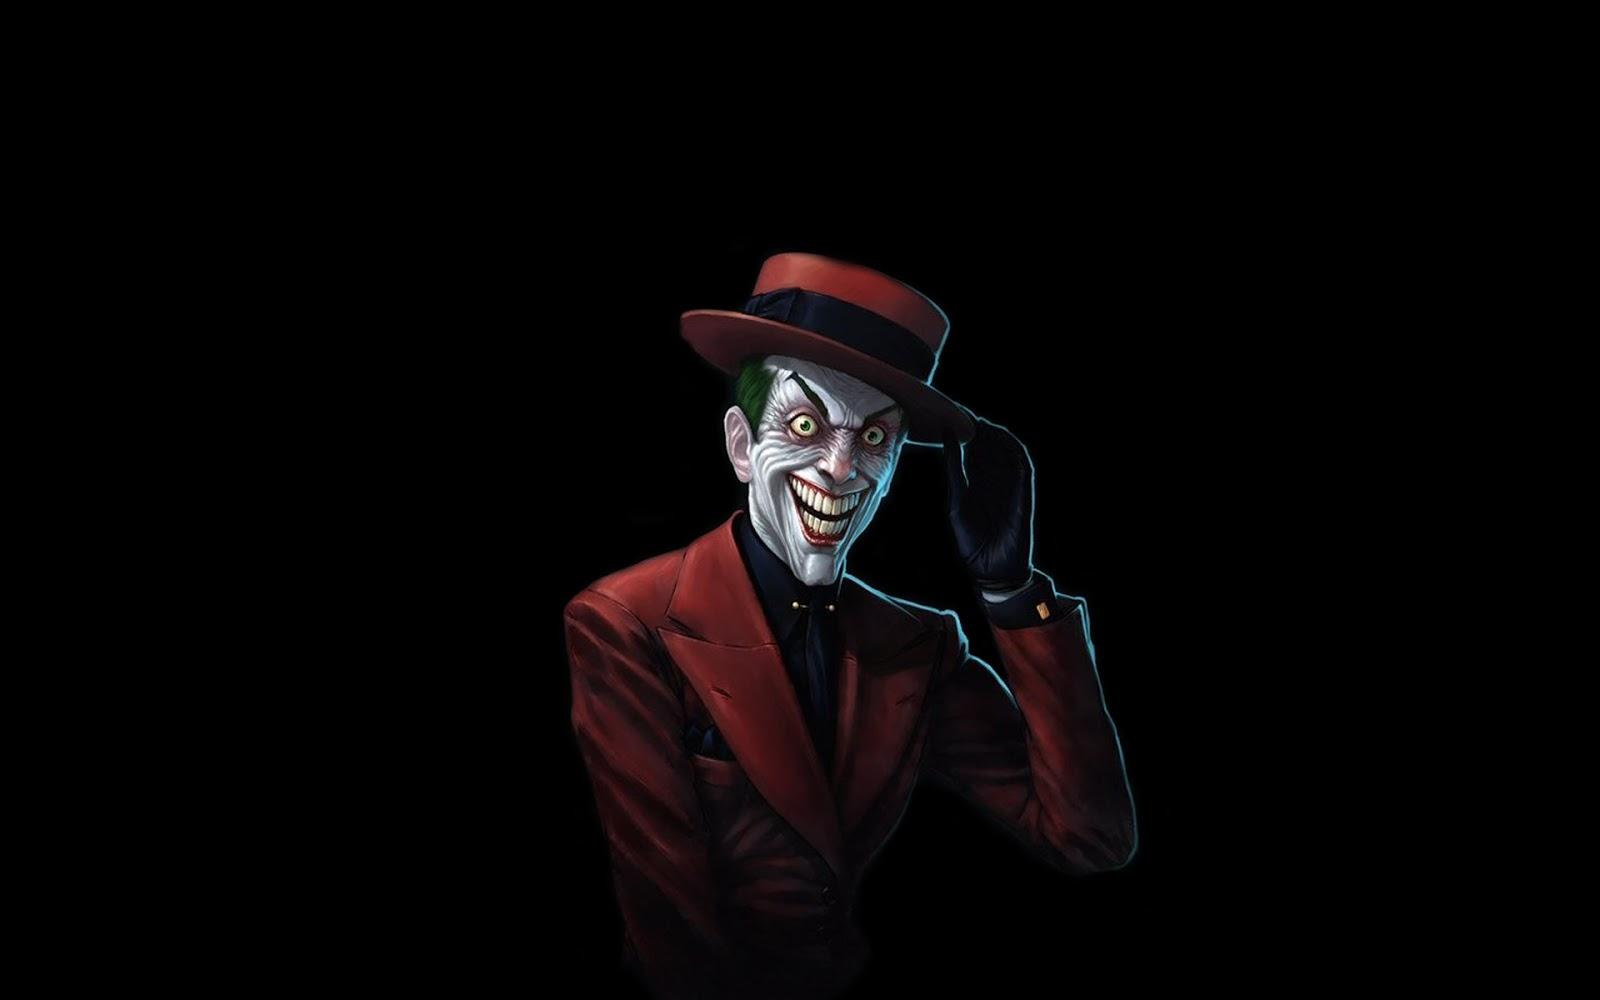 Joker El Guason Batman Fondos de Pantalla de Batmanjpg 1600x1000